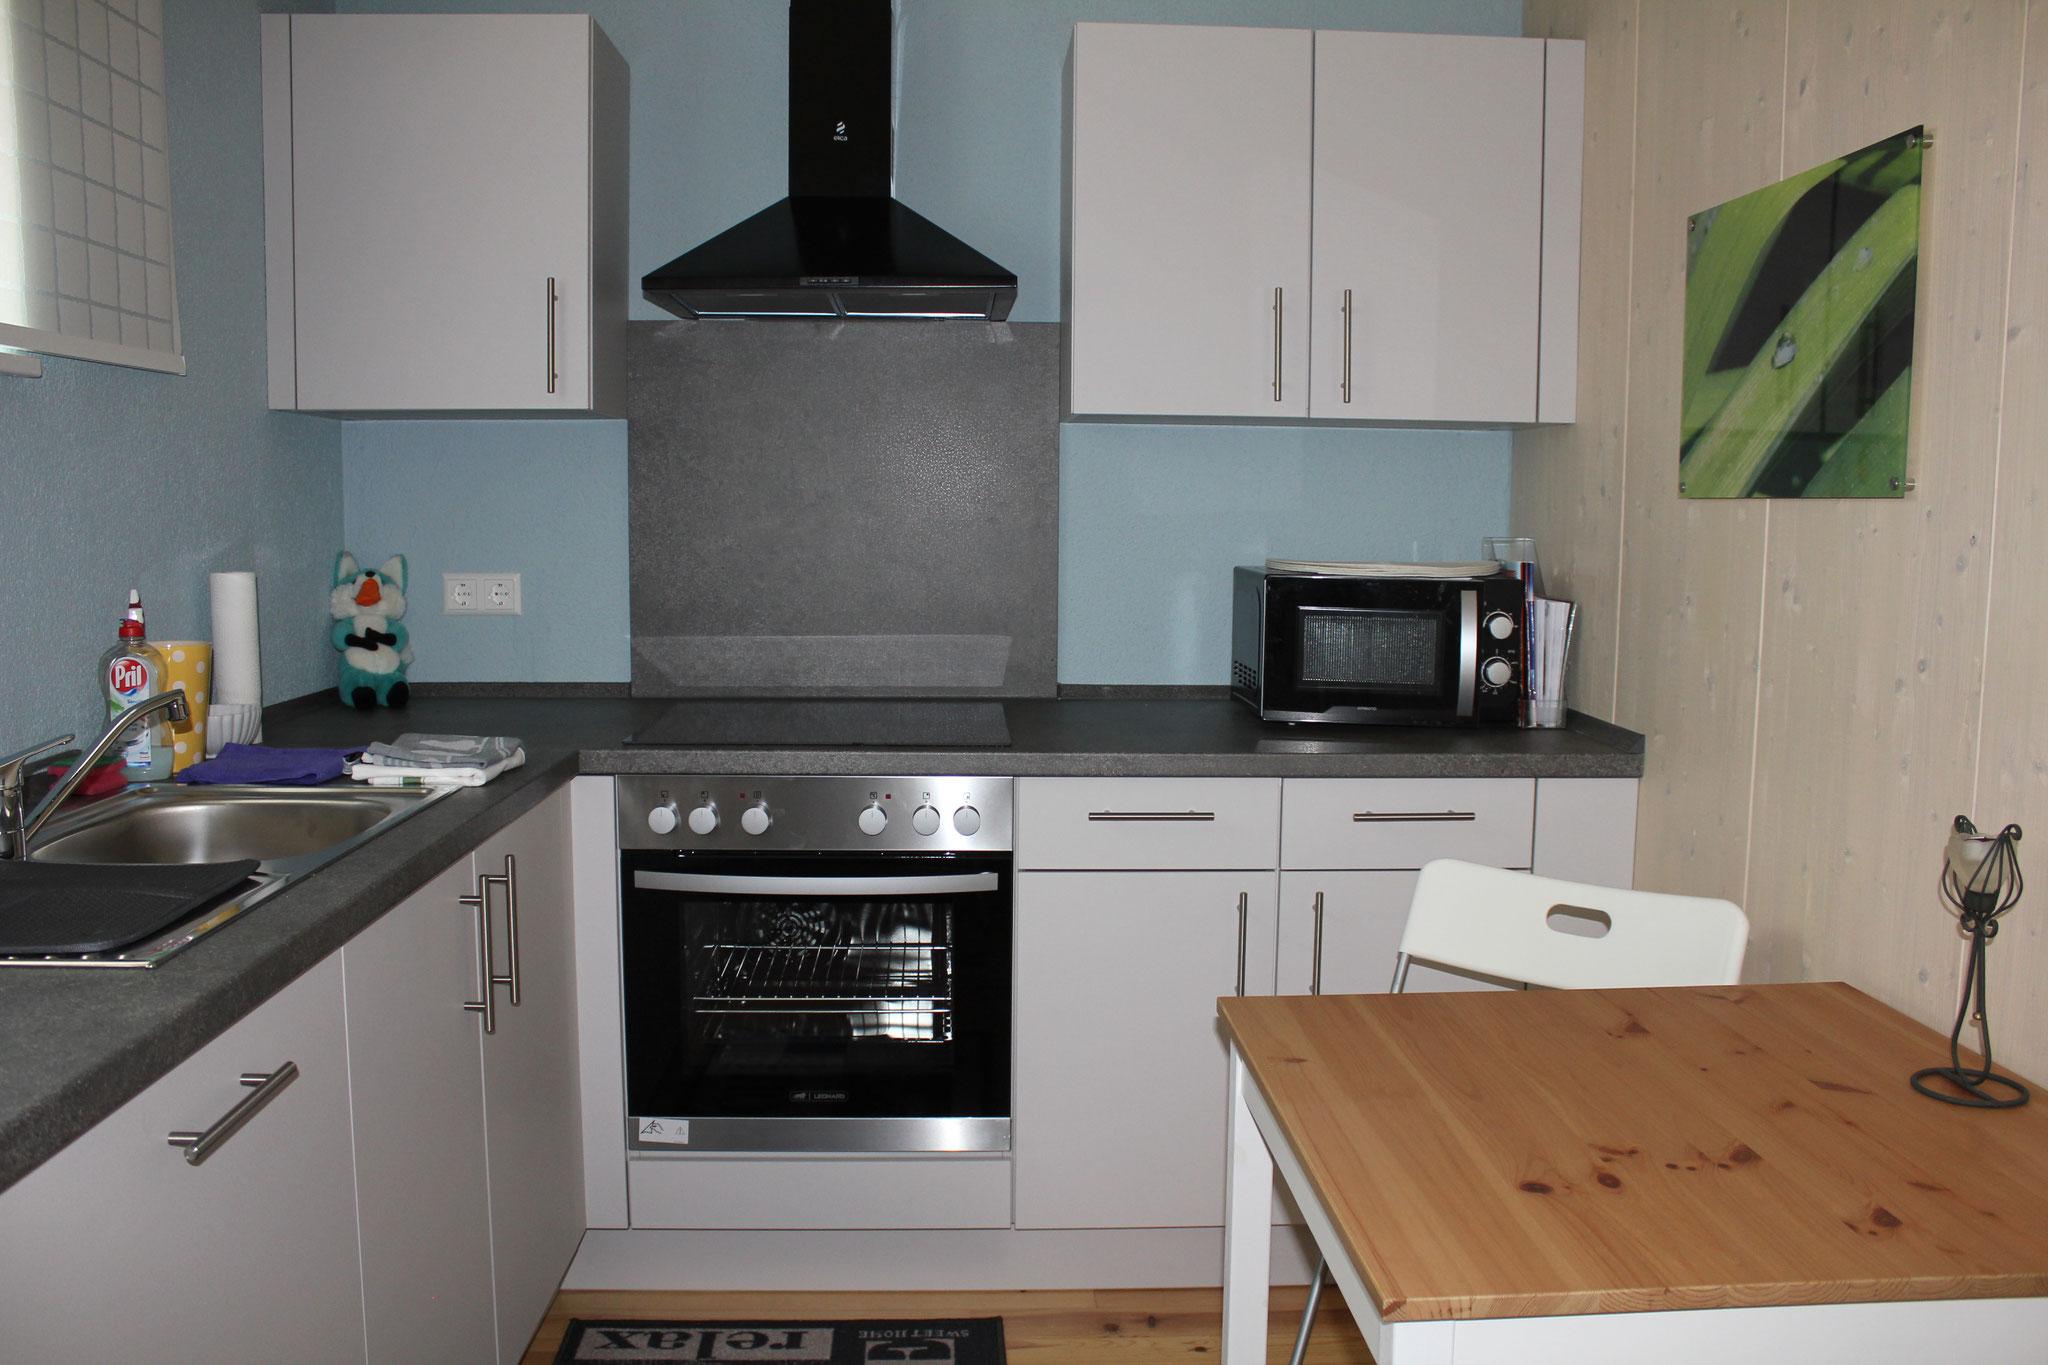 Küche mit Herd, Microwelle, üppige Ausstattung mit Küchenzubehör/ Kitchen with stove, microwave, generous equipment with kitchen accessories